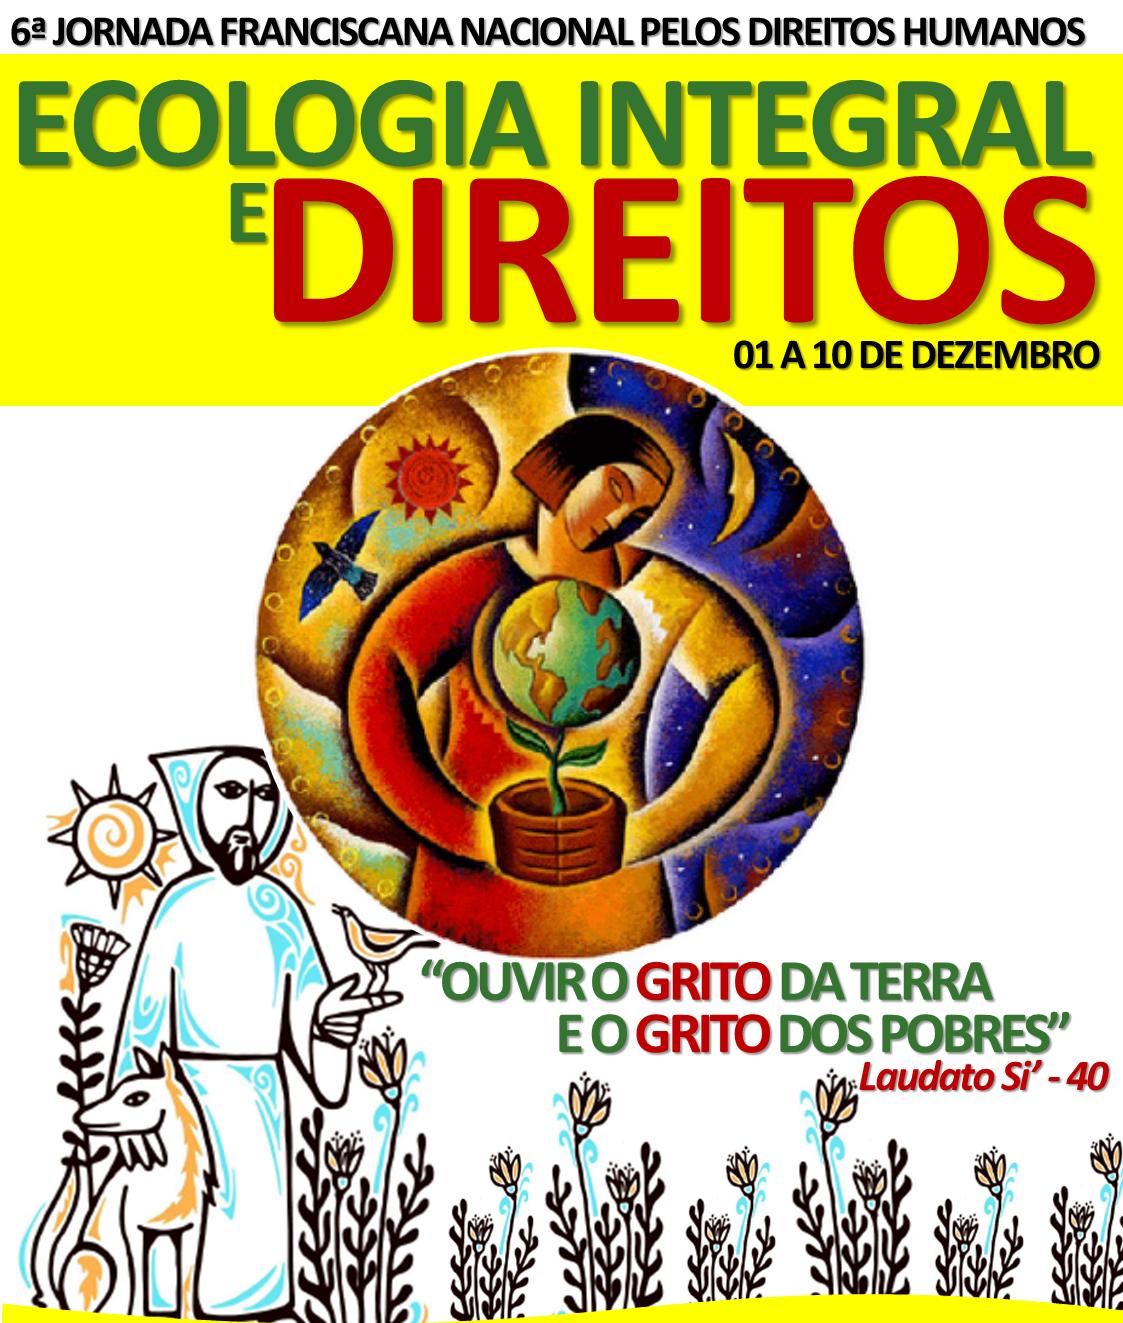 6ª Jornada Franciscana Nacional pelos Direitos Humanos